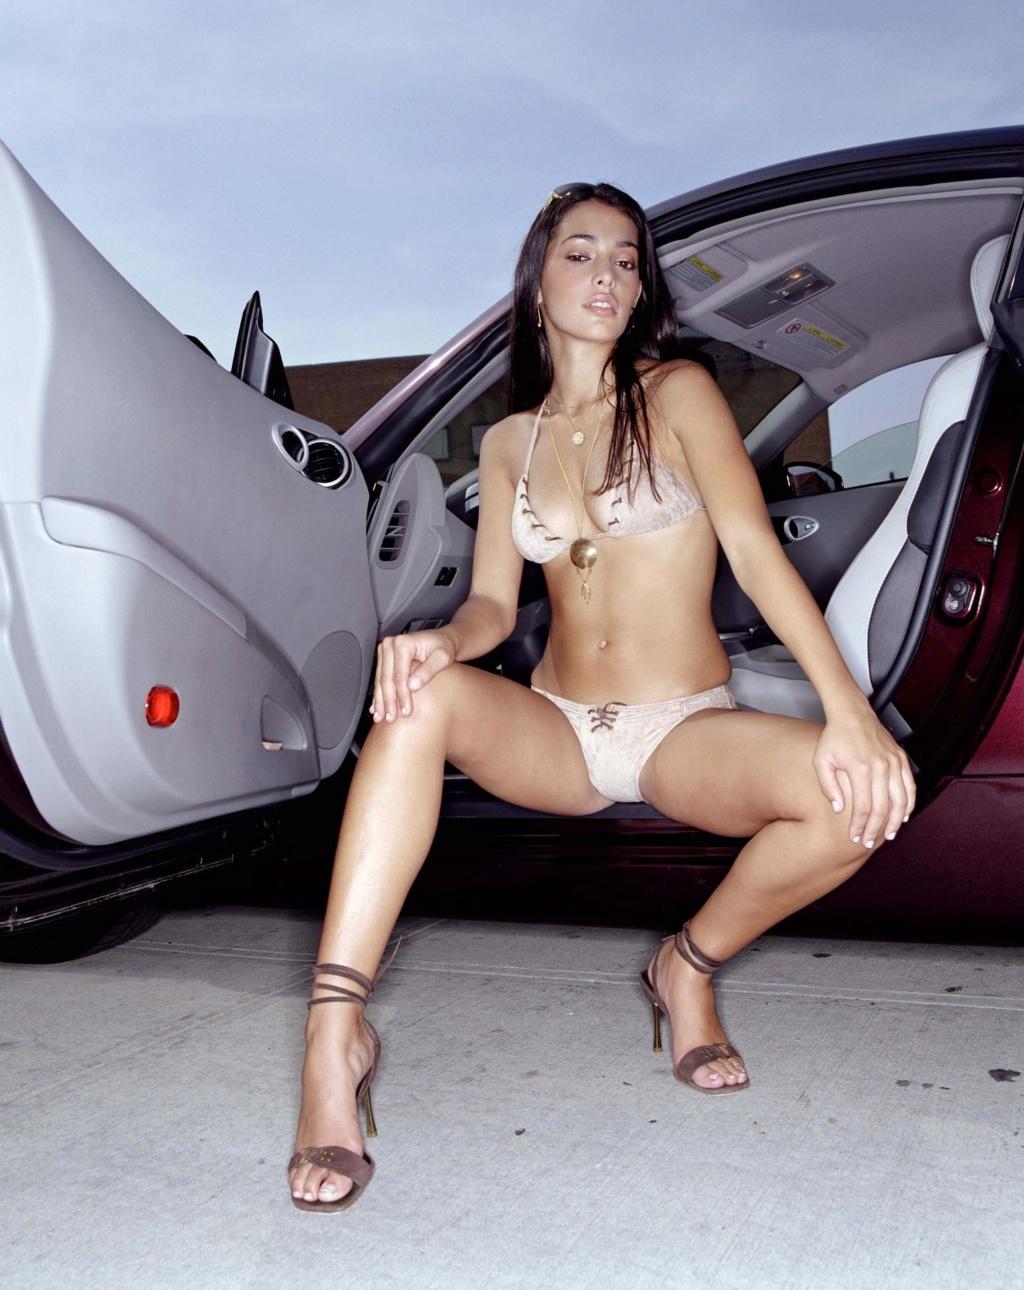 Les Jolies Femmes et l'Automobile XIV -sexyg64